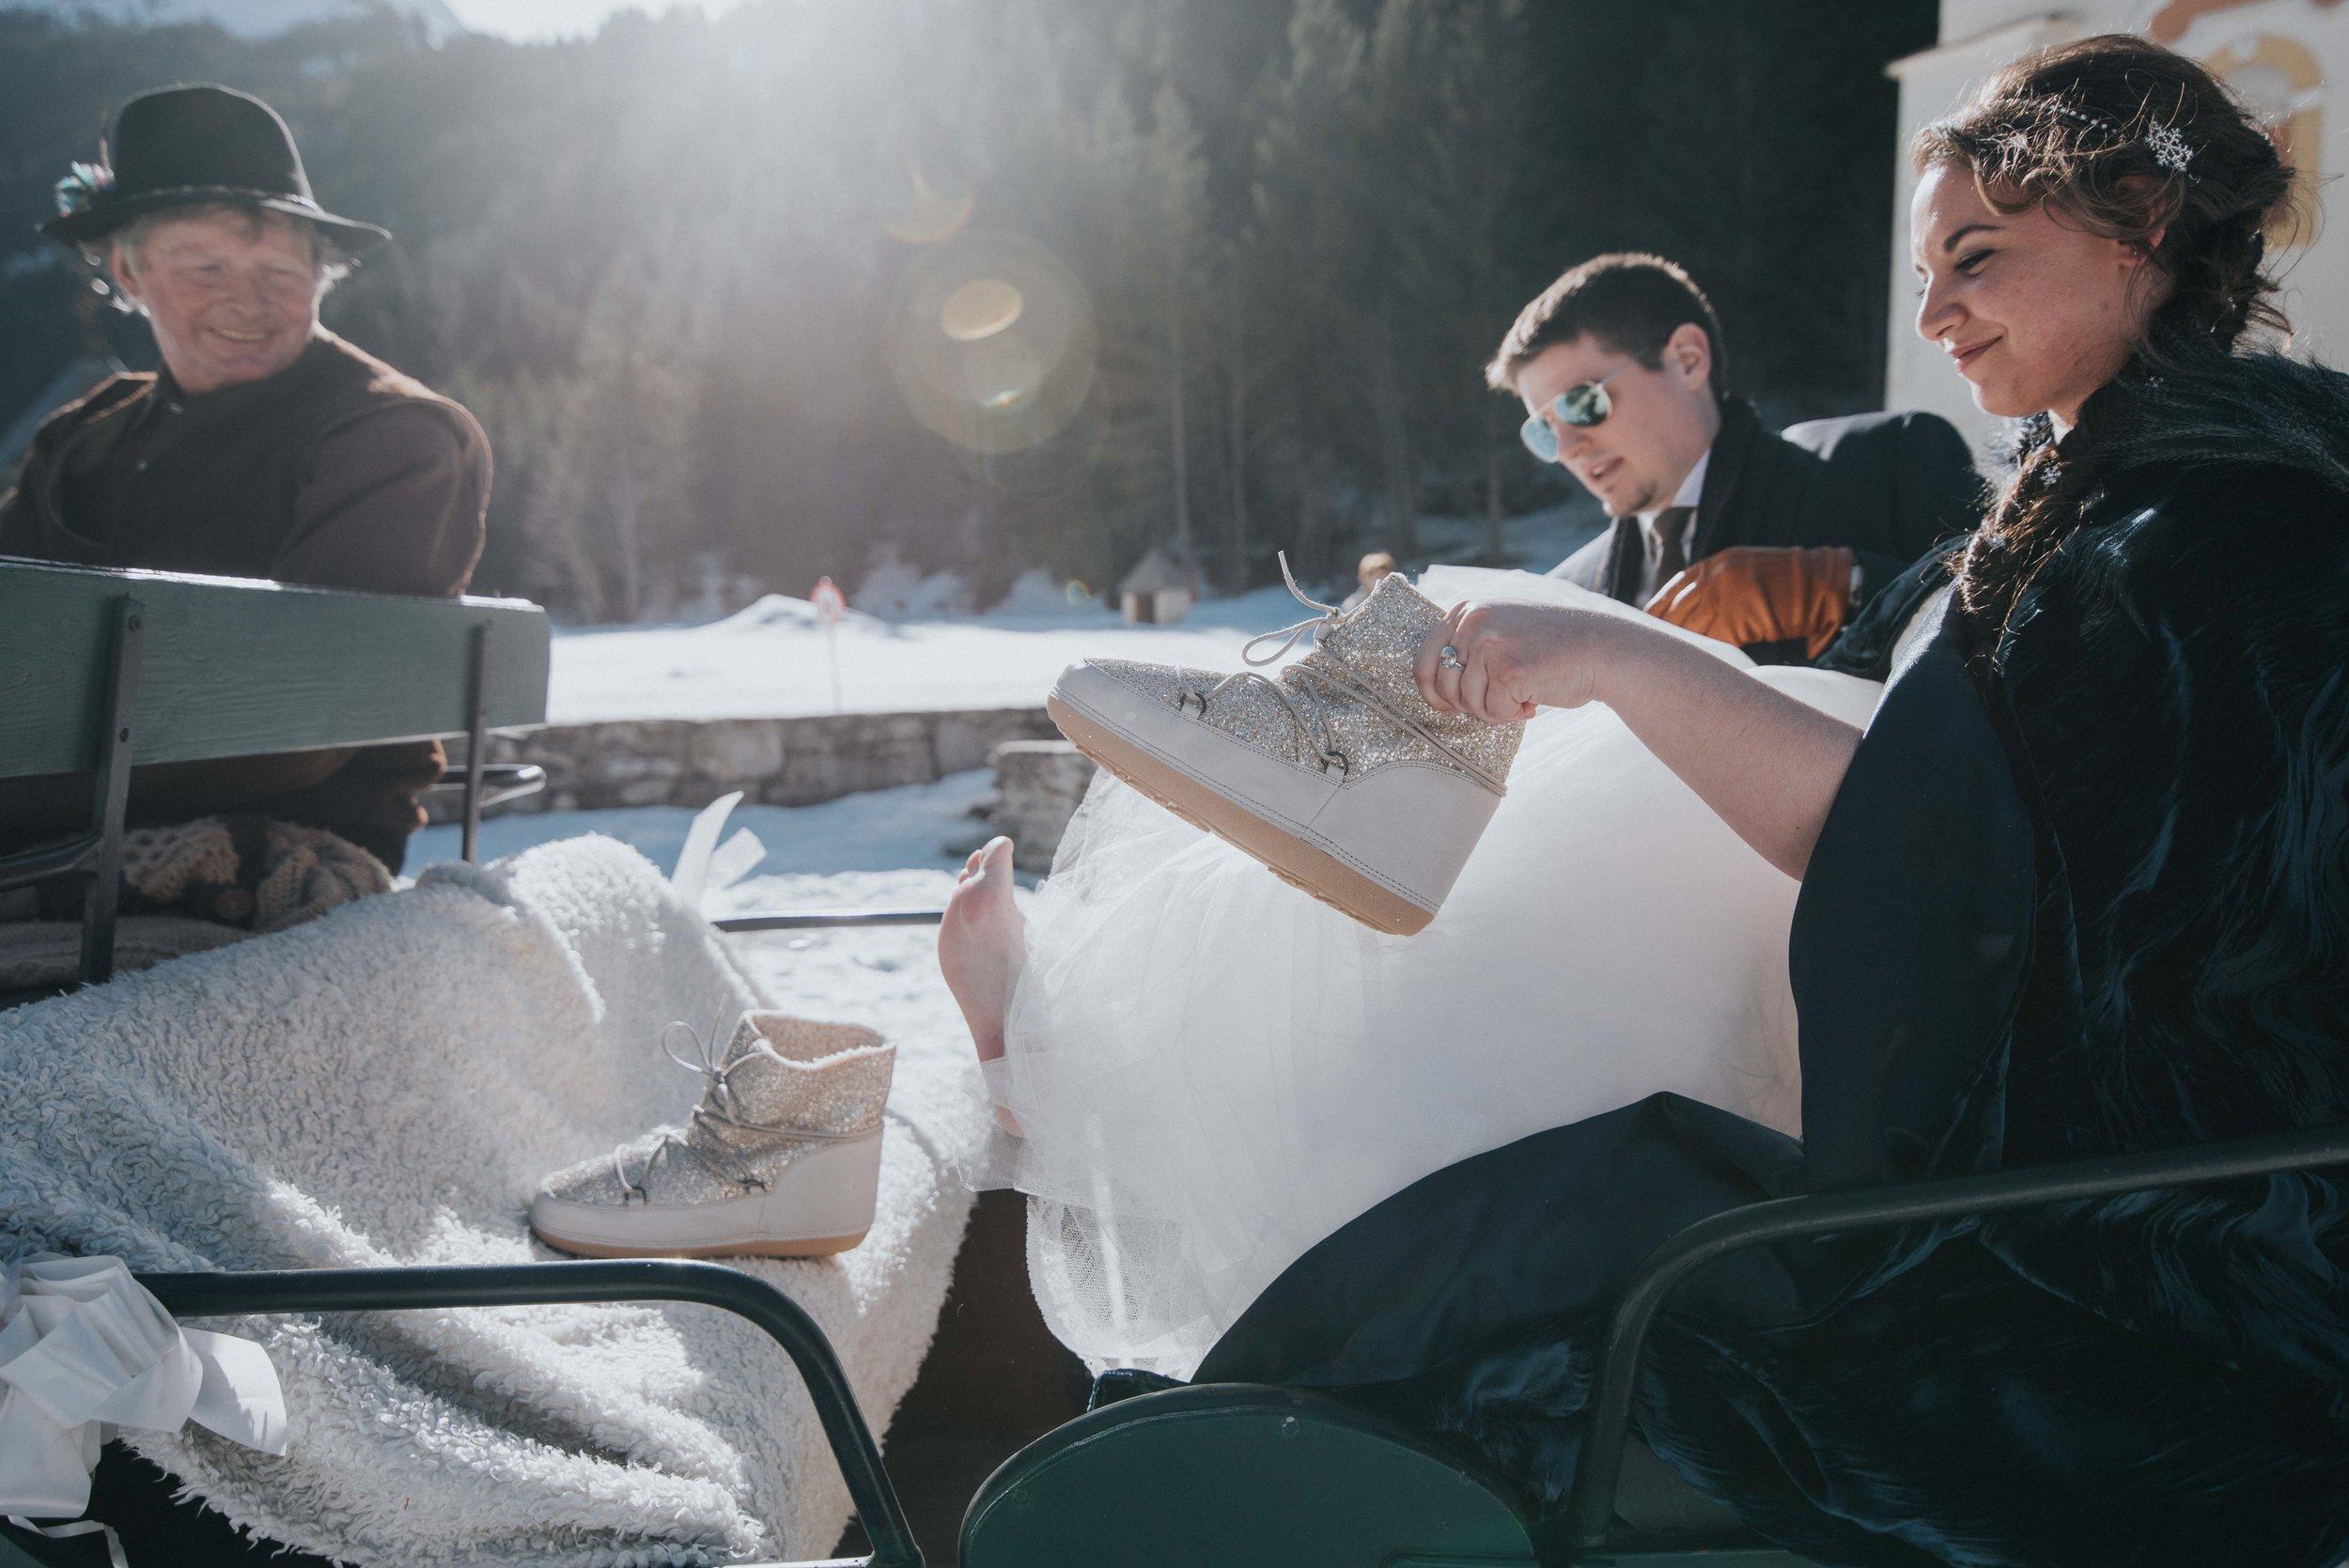 Léa-Fery-photographe-professionnel-lyon-rhone-alpes-portrait-mariage-couple-amour-lovesession-engagement-elopment-2504.jpg